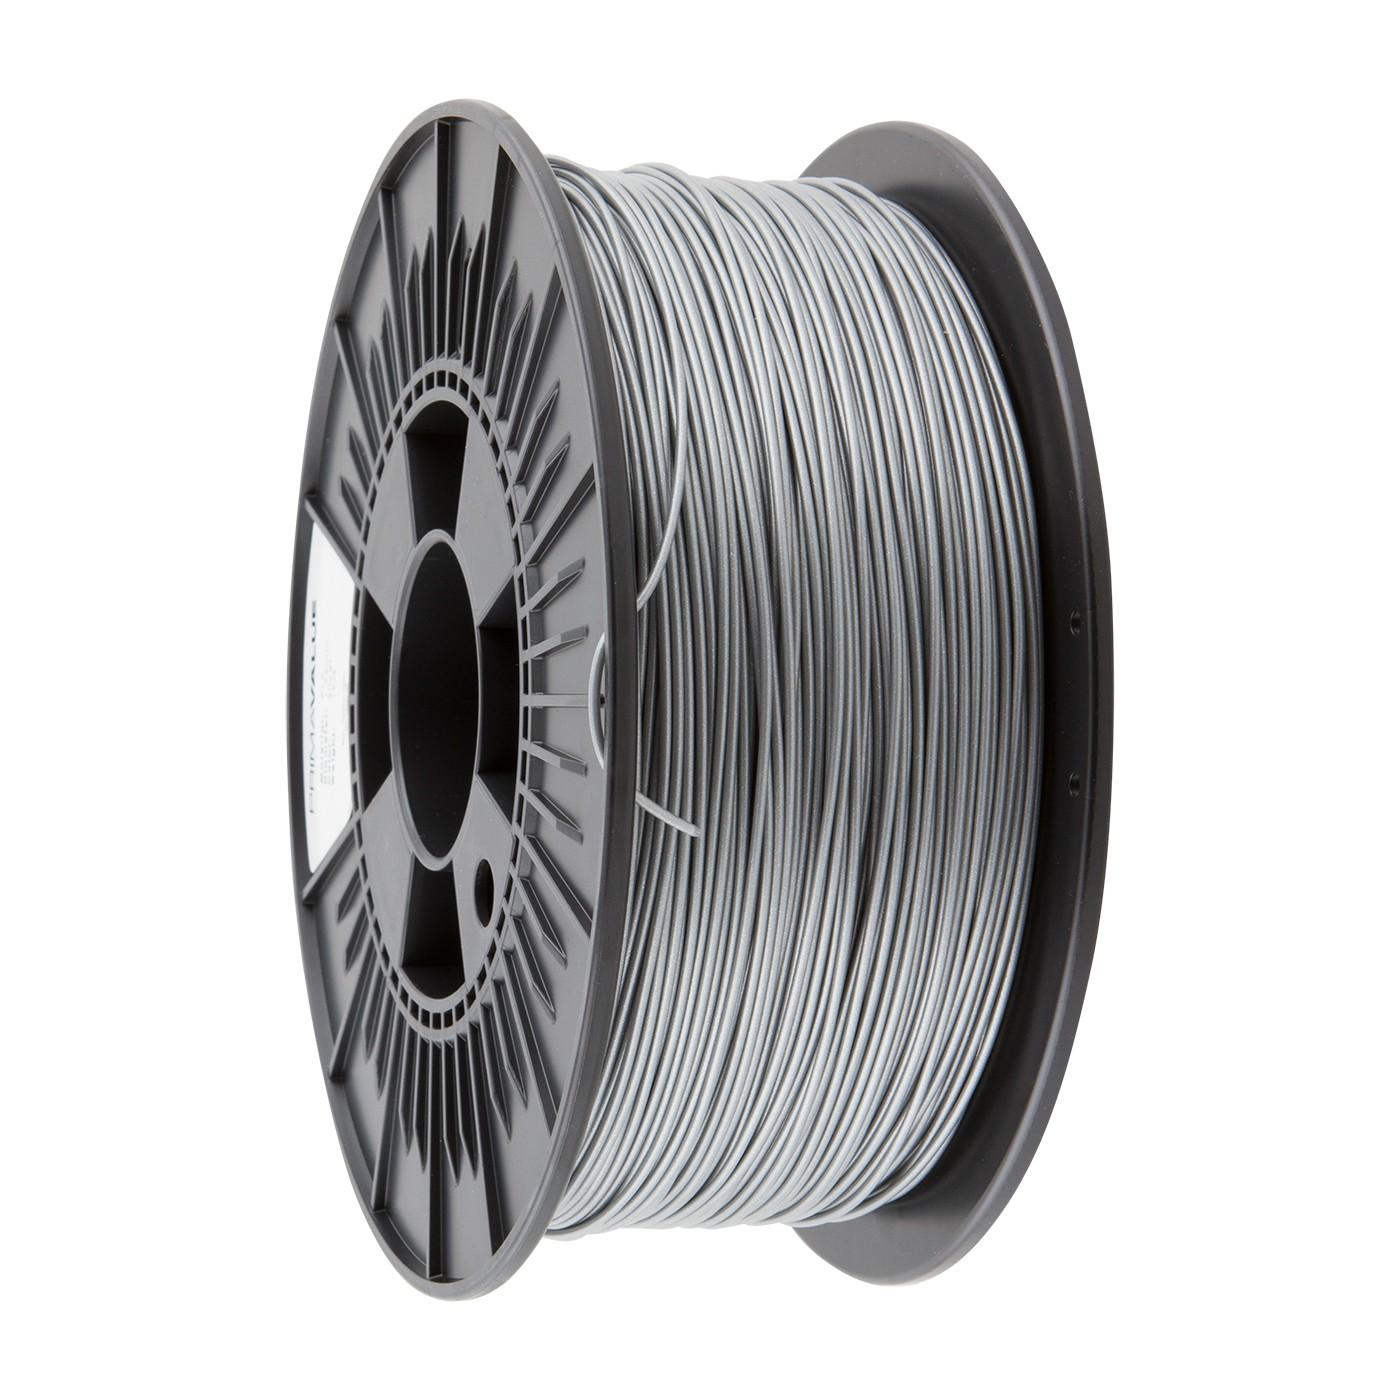 PrimaValue PLA Filament - 1.75mm - 1 kg spool - Silver